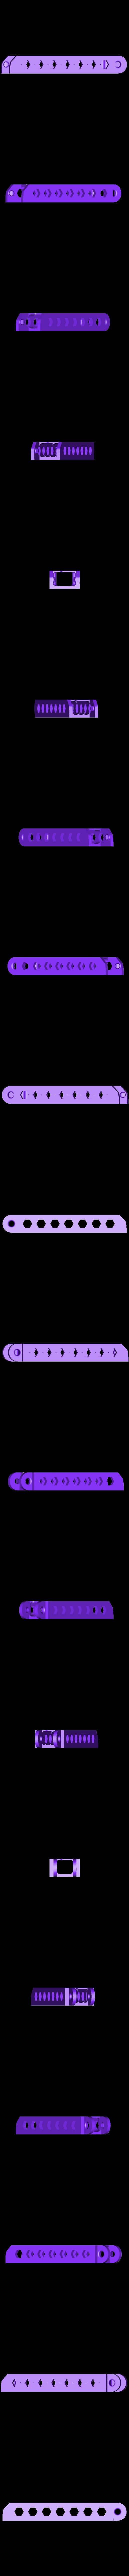 Lion_Link_5_Long.STL Télécharger fichier STL gratuit Un support d'extrudeuse Stock-ish pour Anet A8 et Alike ! (Inclut la chaîne et la monture ou sans chaîne !) • Objet pour impression 3D, MorganLowe